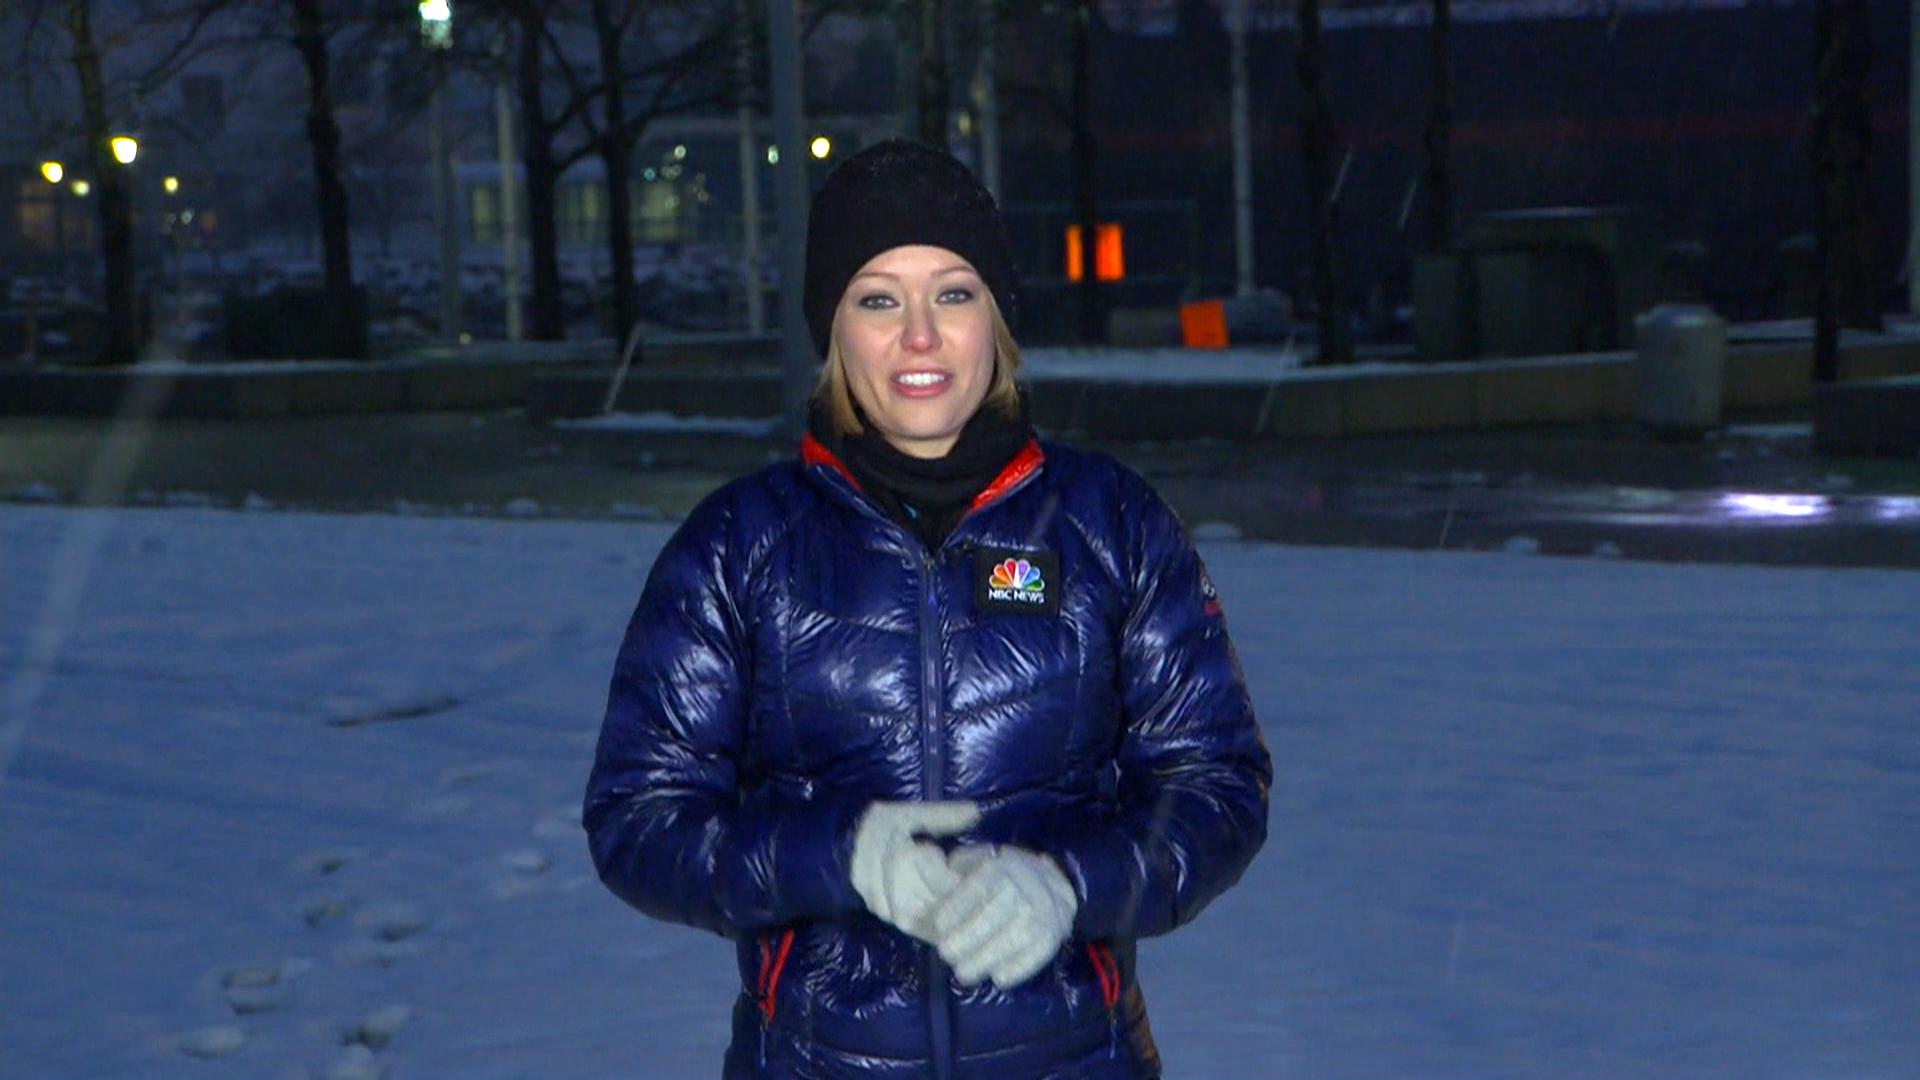 Arctic Blast Brings Freezing Temperatures and More Snow to U.S.